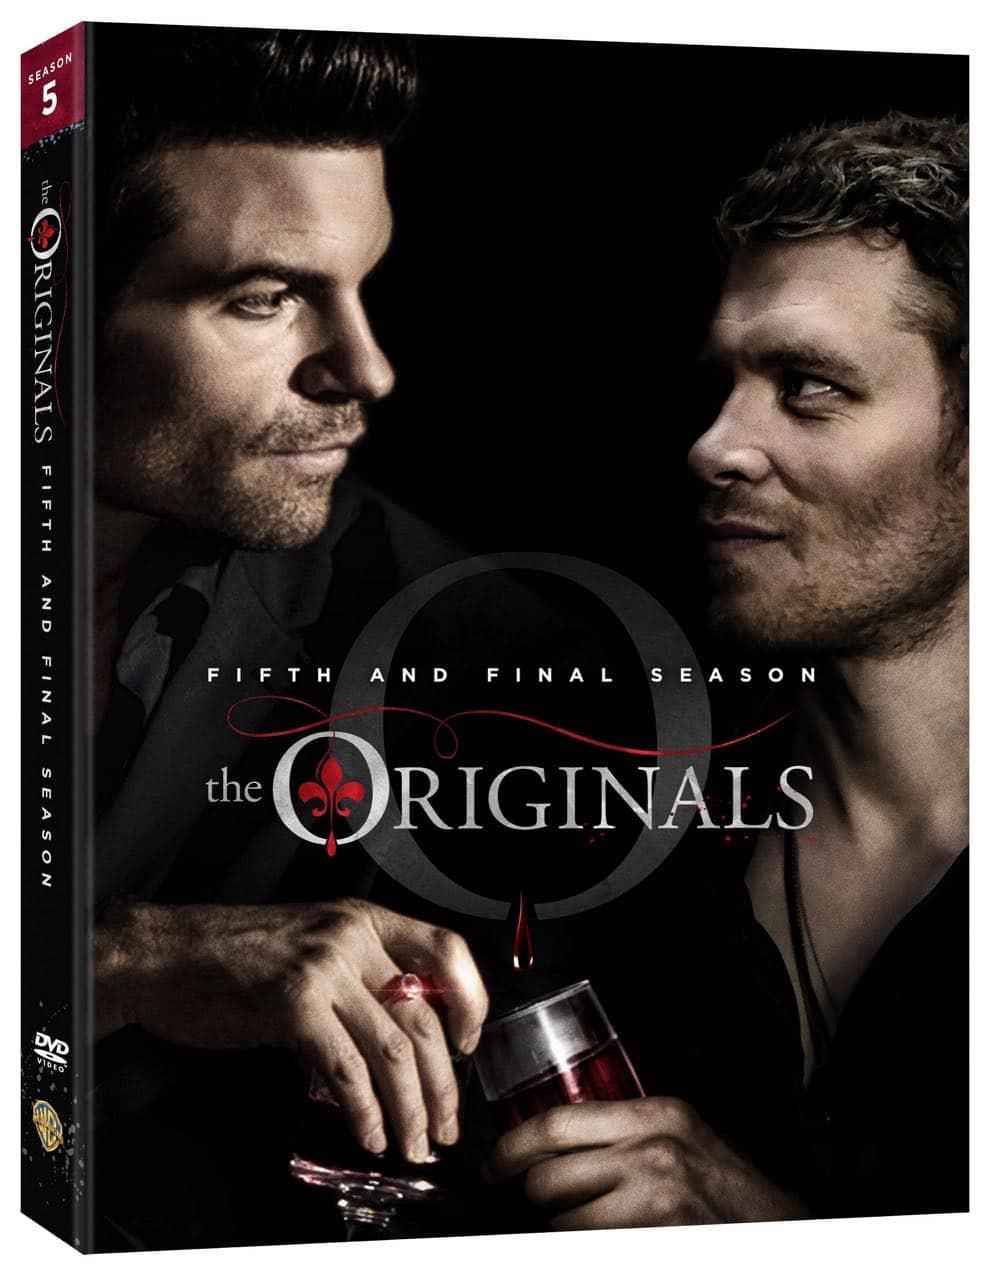 The Originals 3D